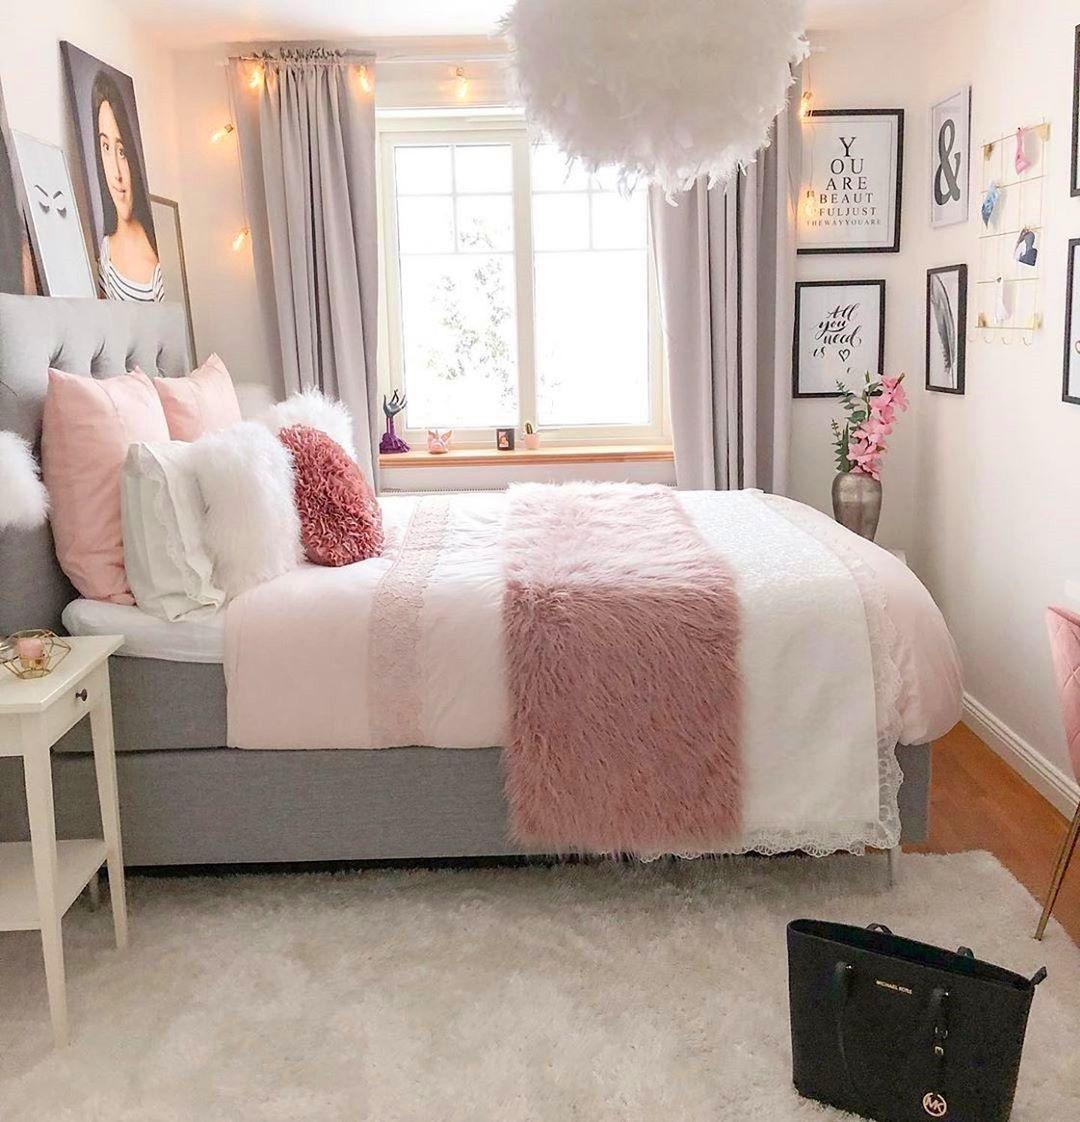 58 Inspiring Modern Bedroom Design Ideas